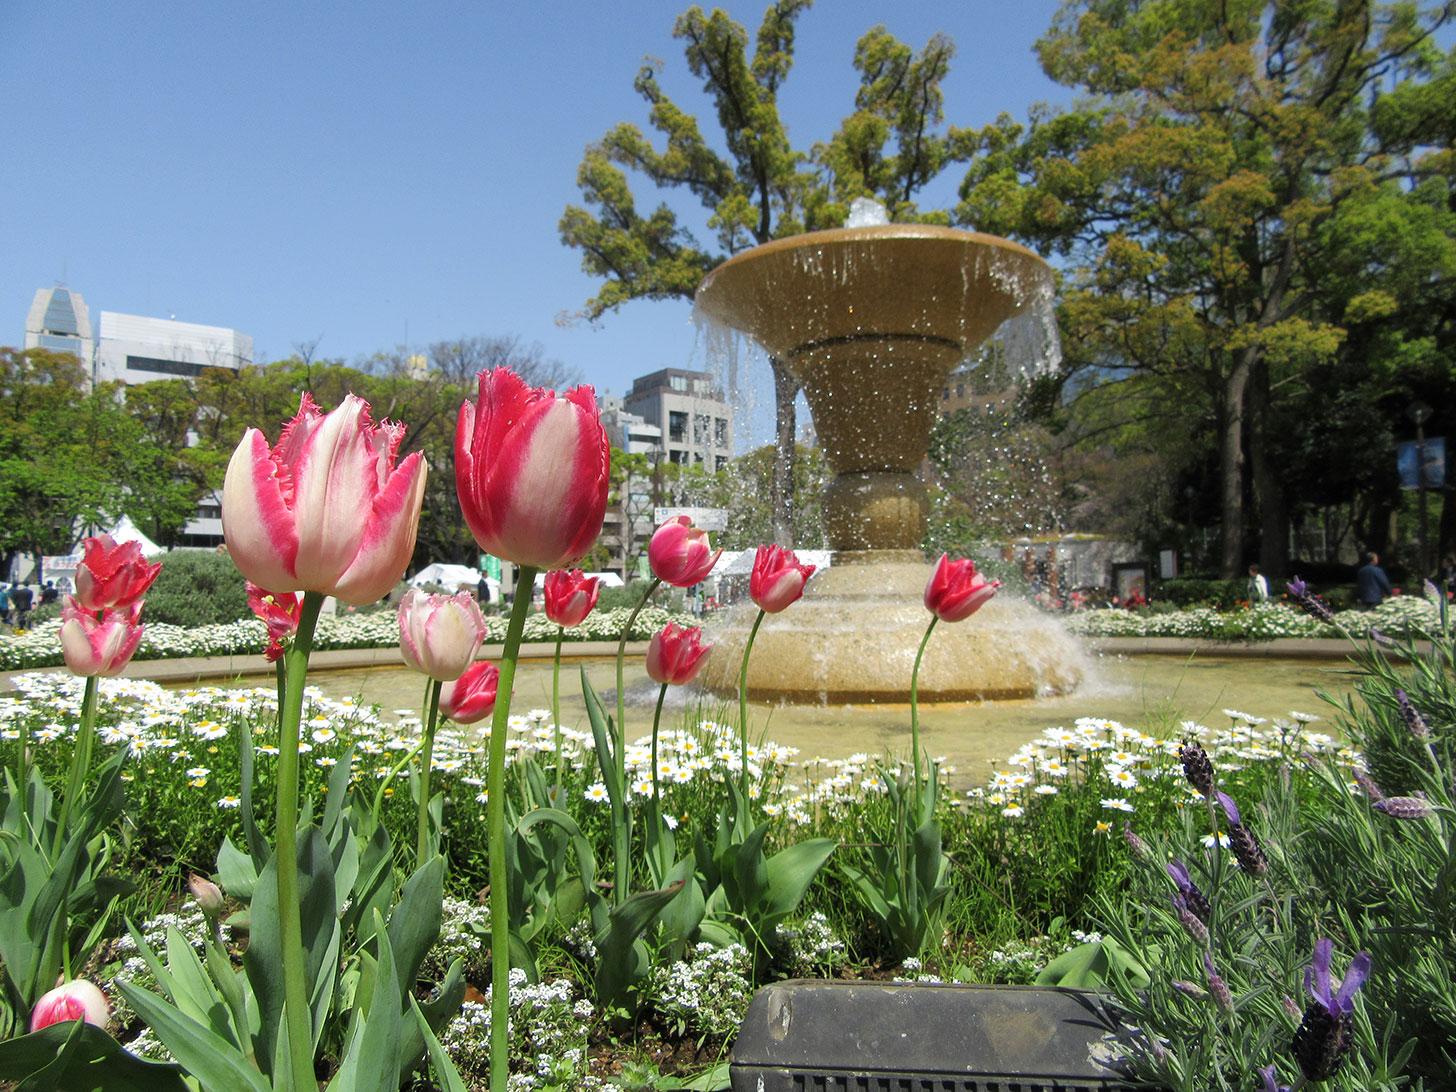 ガーデンネックレス横浜2019で「横浜ローズウィーク」ガーデンベアも新たに!